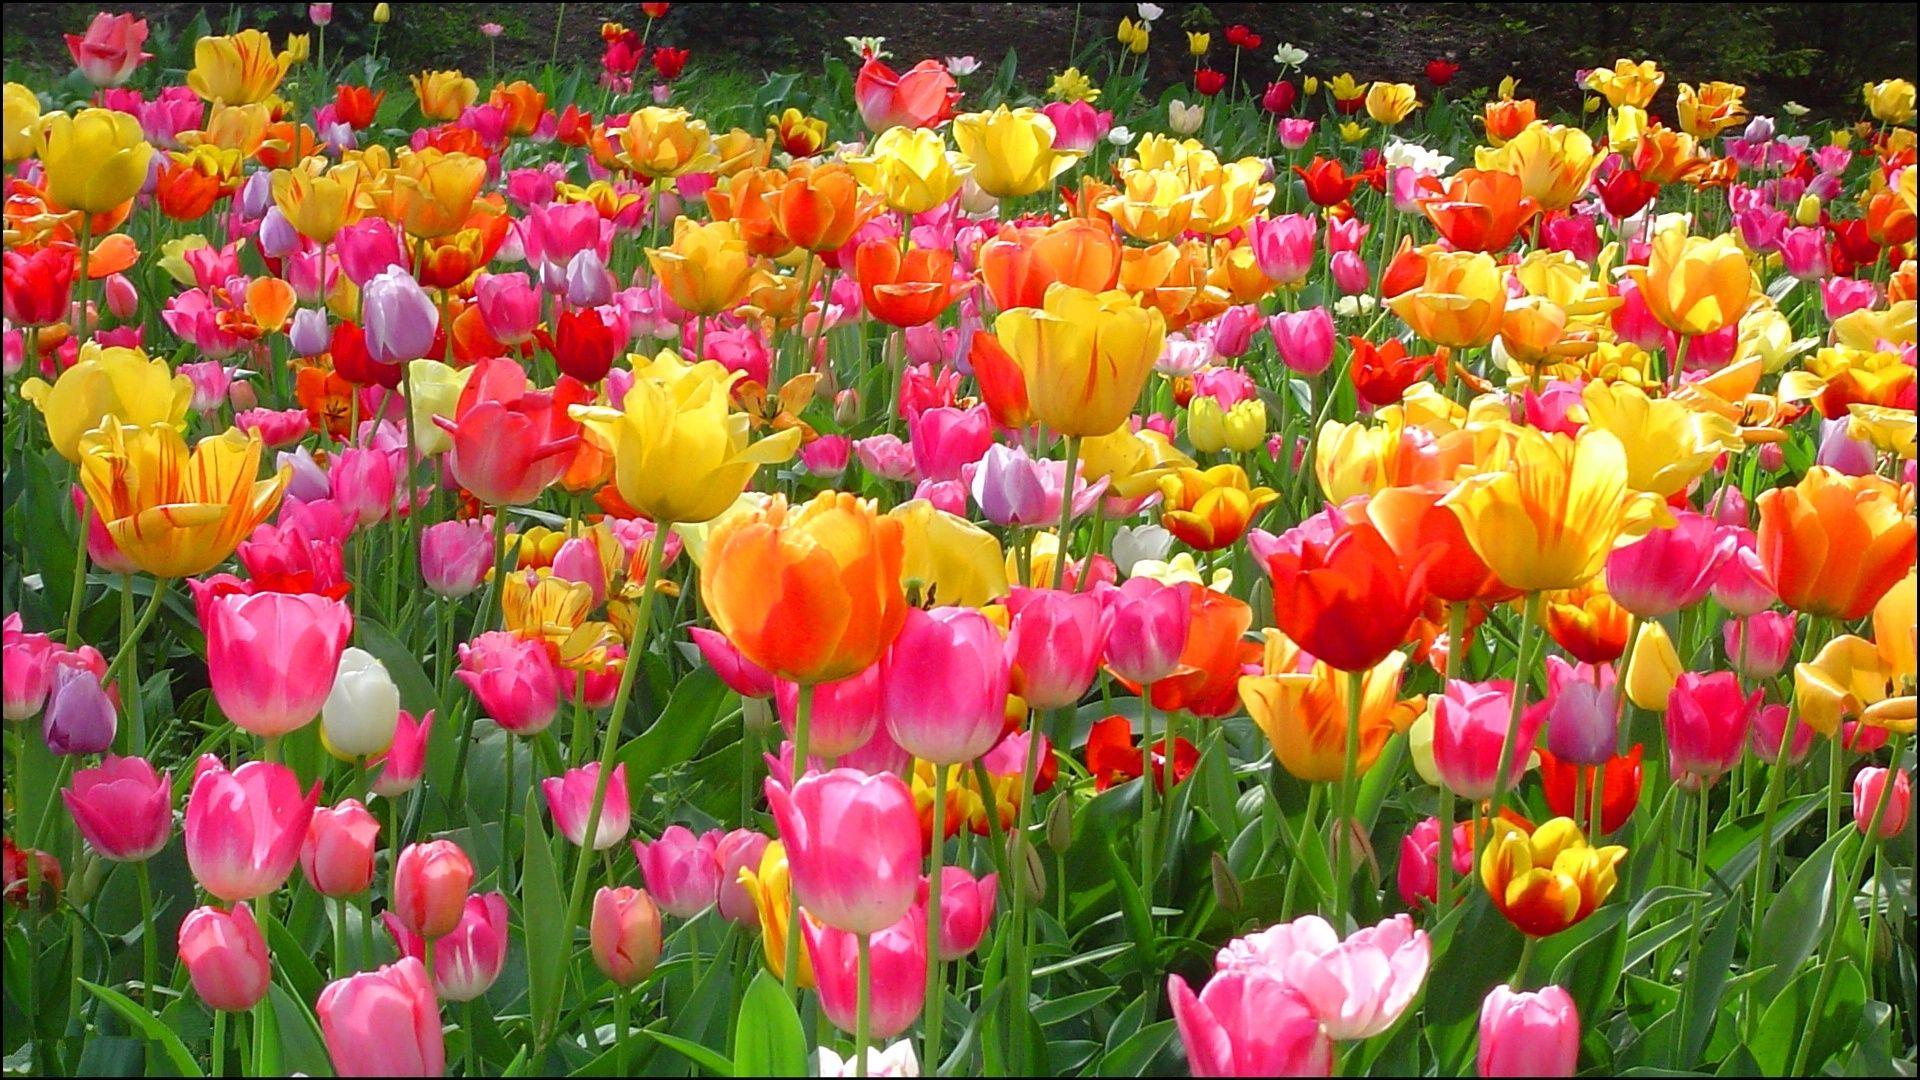 Tulip Festival Wallpaper Flower Wallpaper Most Beautiful Flowers Tulips Flowers